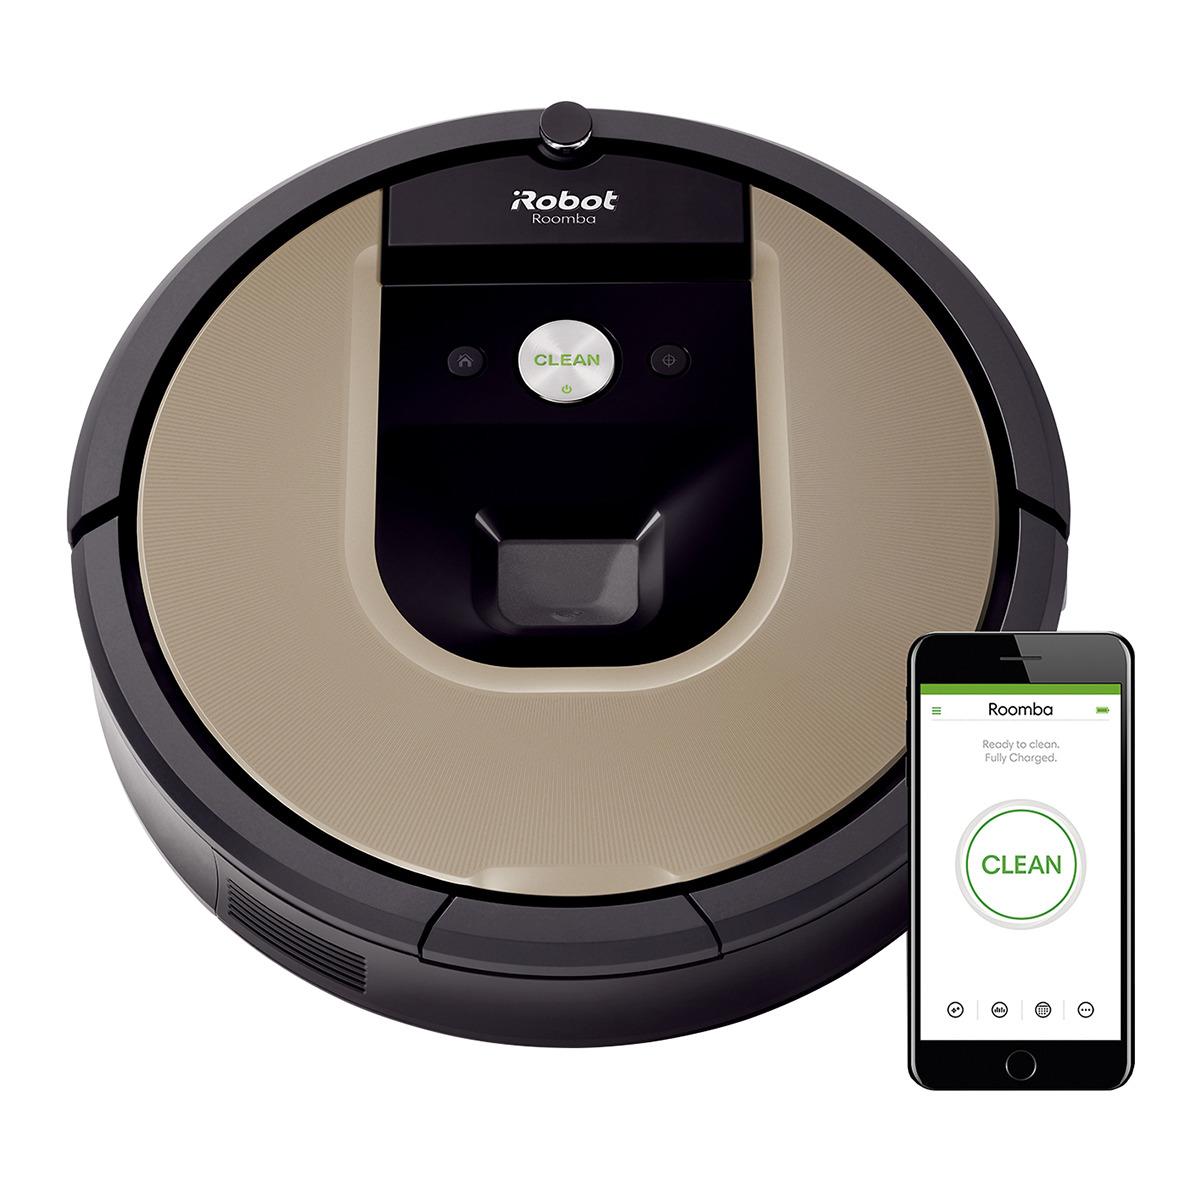 Si todavía pasas la escoba, es porque quieres. Programa la limpieza de la casa desde el móvil y maximiza tu tiempo libre con iRobot Roomba 966, el robot aspirador que todos quieren imitar.